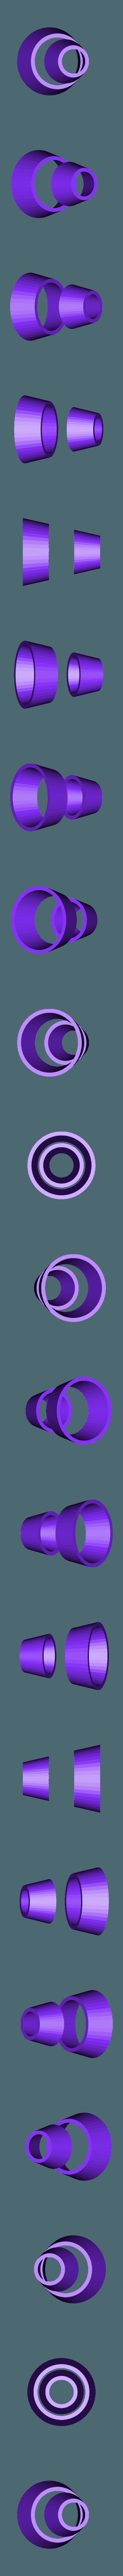 classic_cone_B.stl Télécharger fichier STL gratuit Collection de cônes de circulation de la mode • Design imprimable en 3D, Render